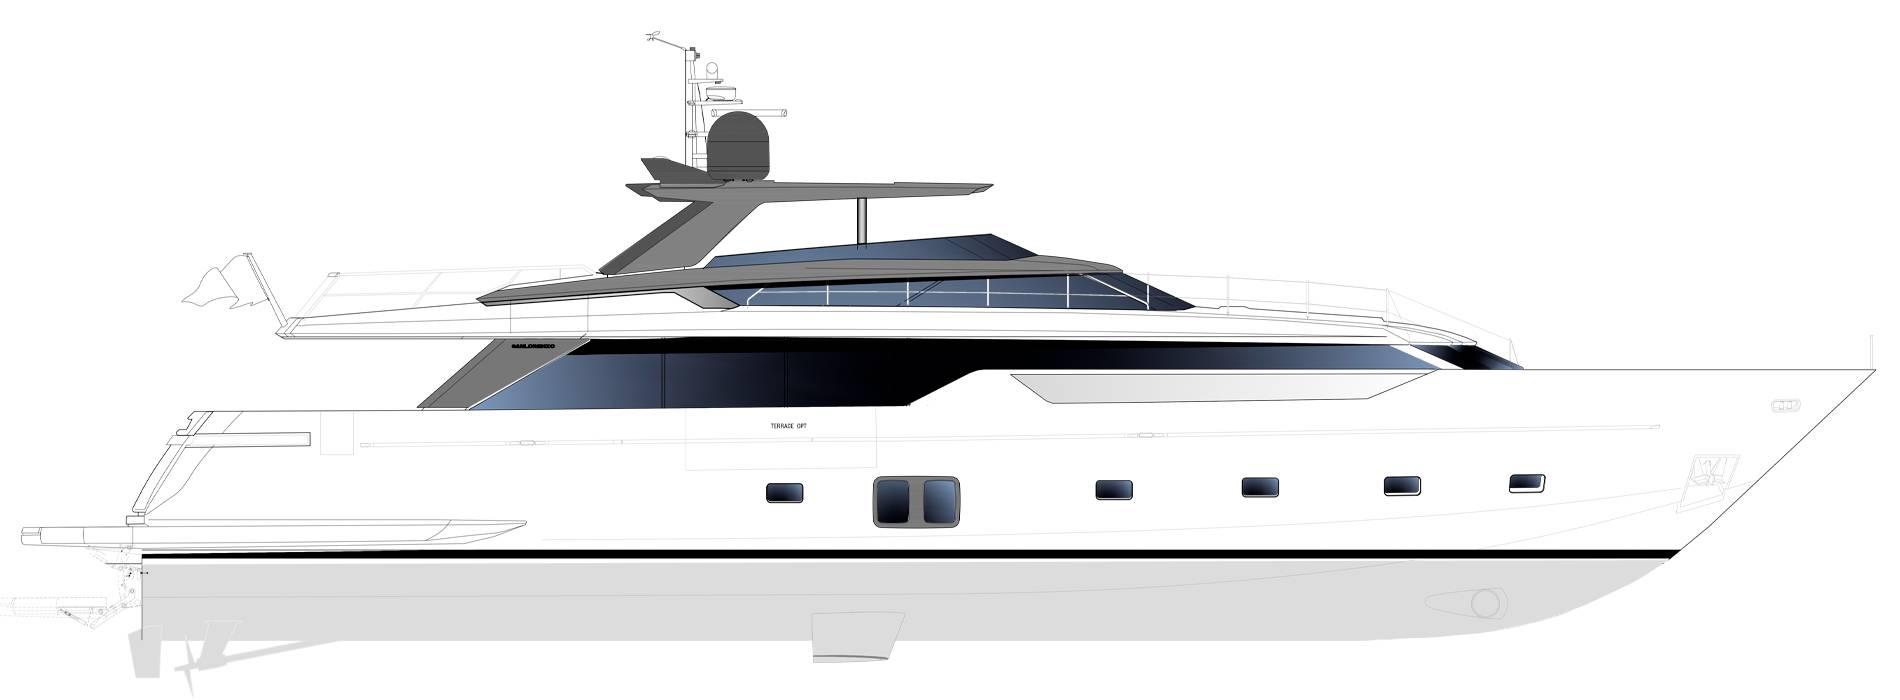 Sanlorenzo Yachts SL106 Asymmetric Profil